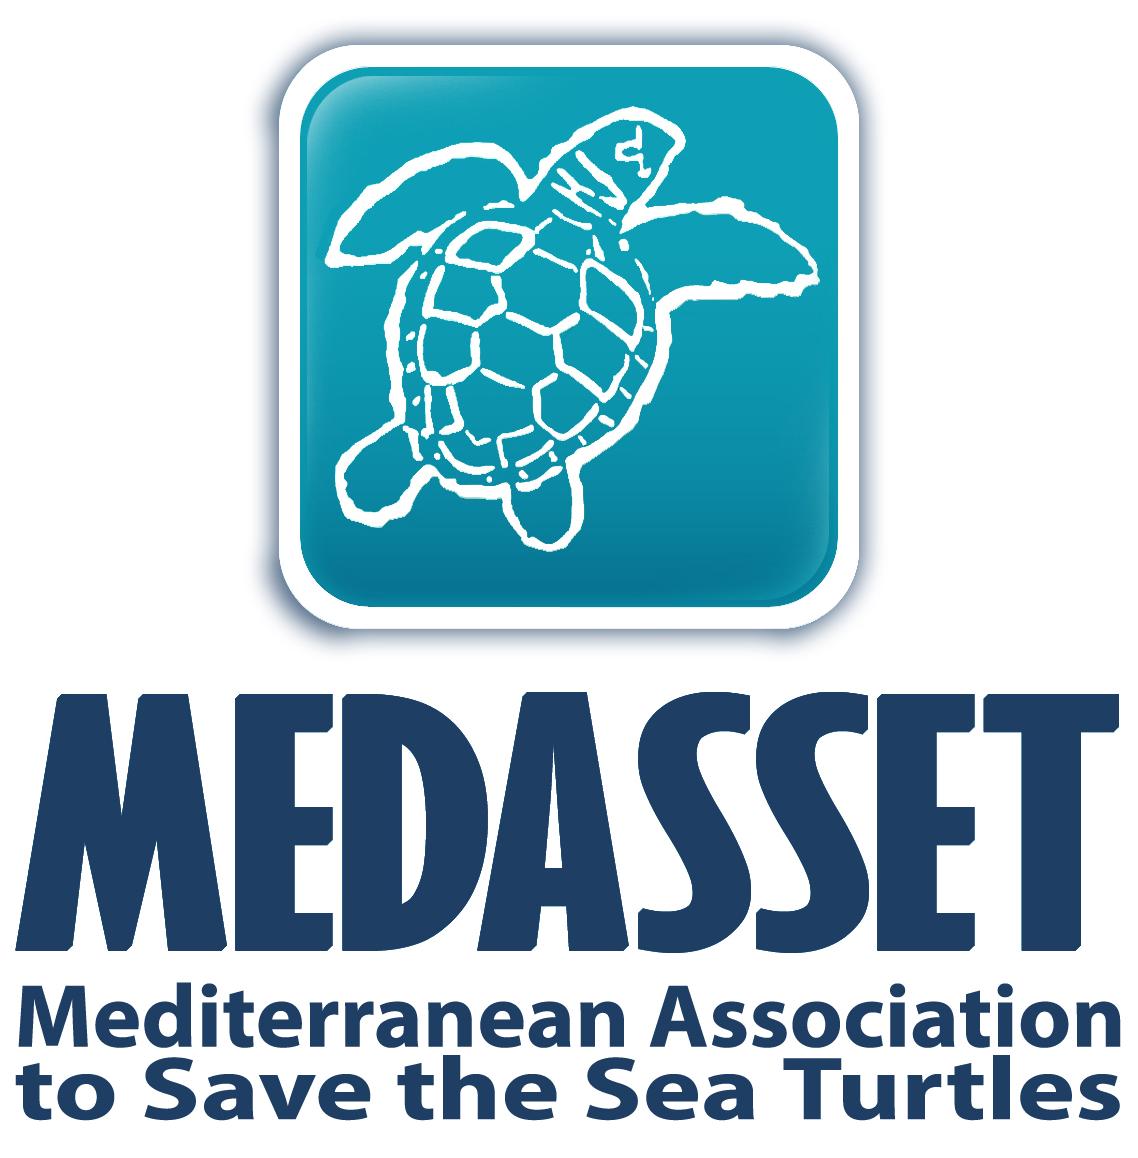 MEDASSET - Mediterranean Association to Save the Sea Tutles